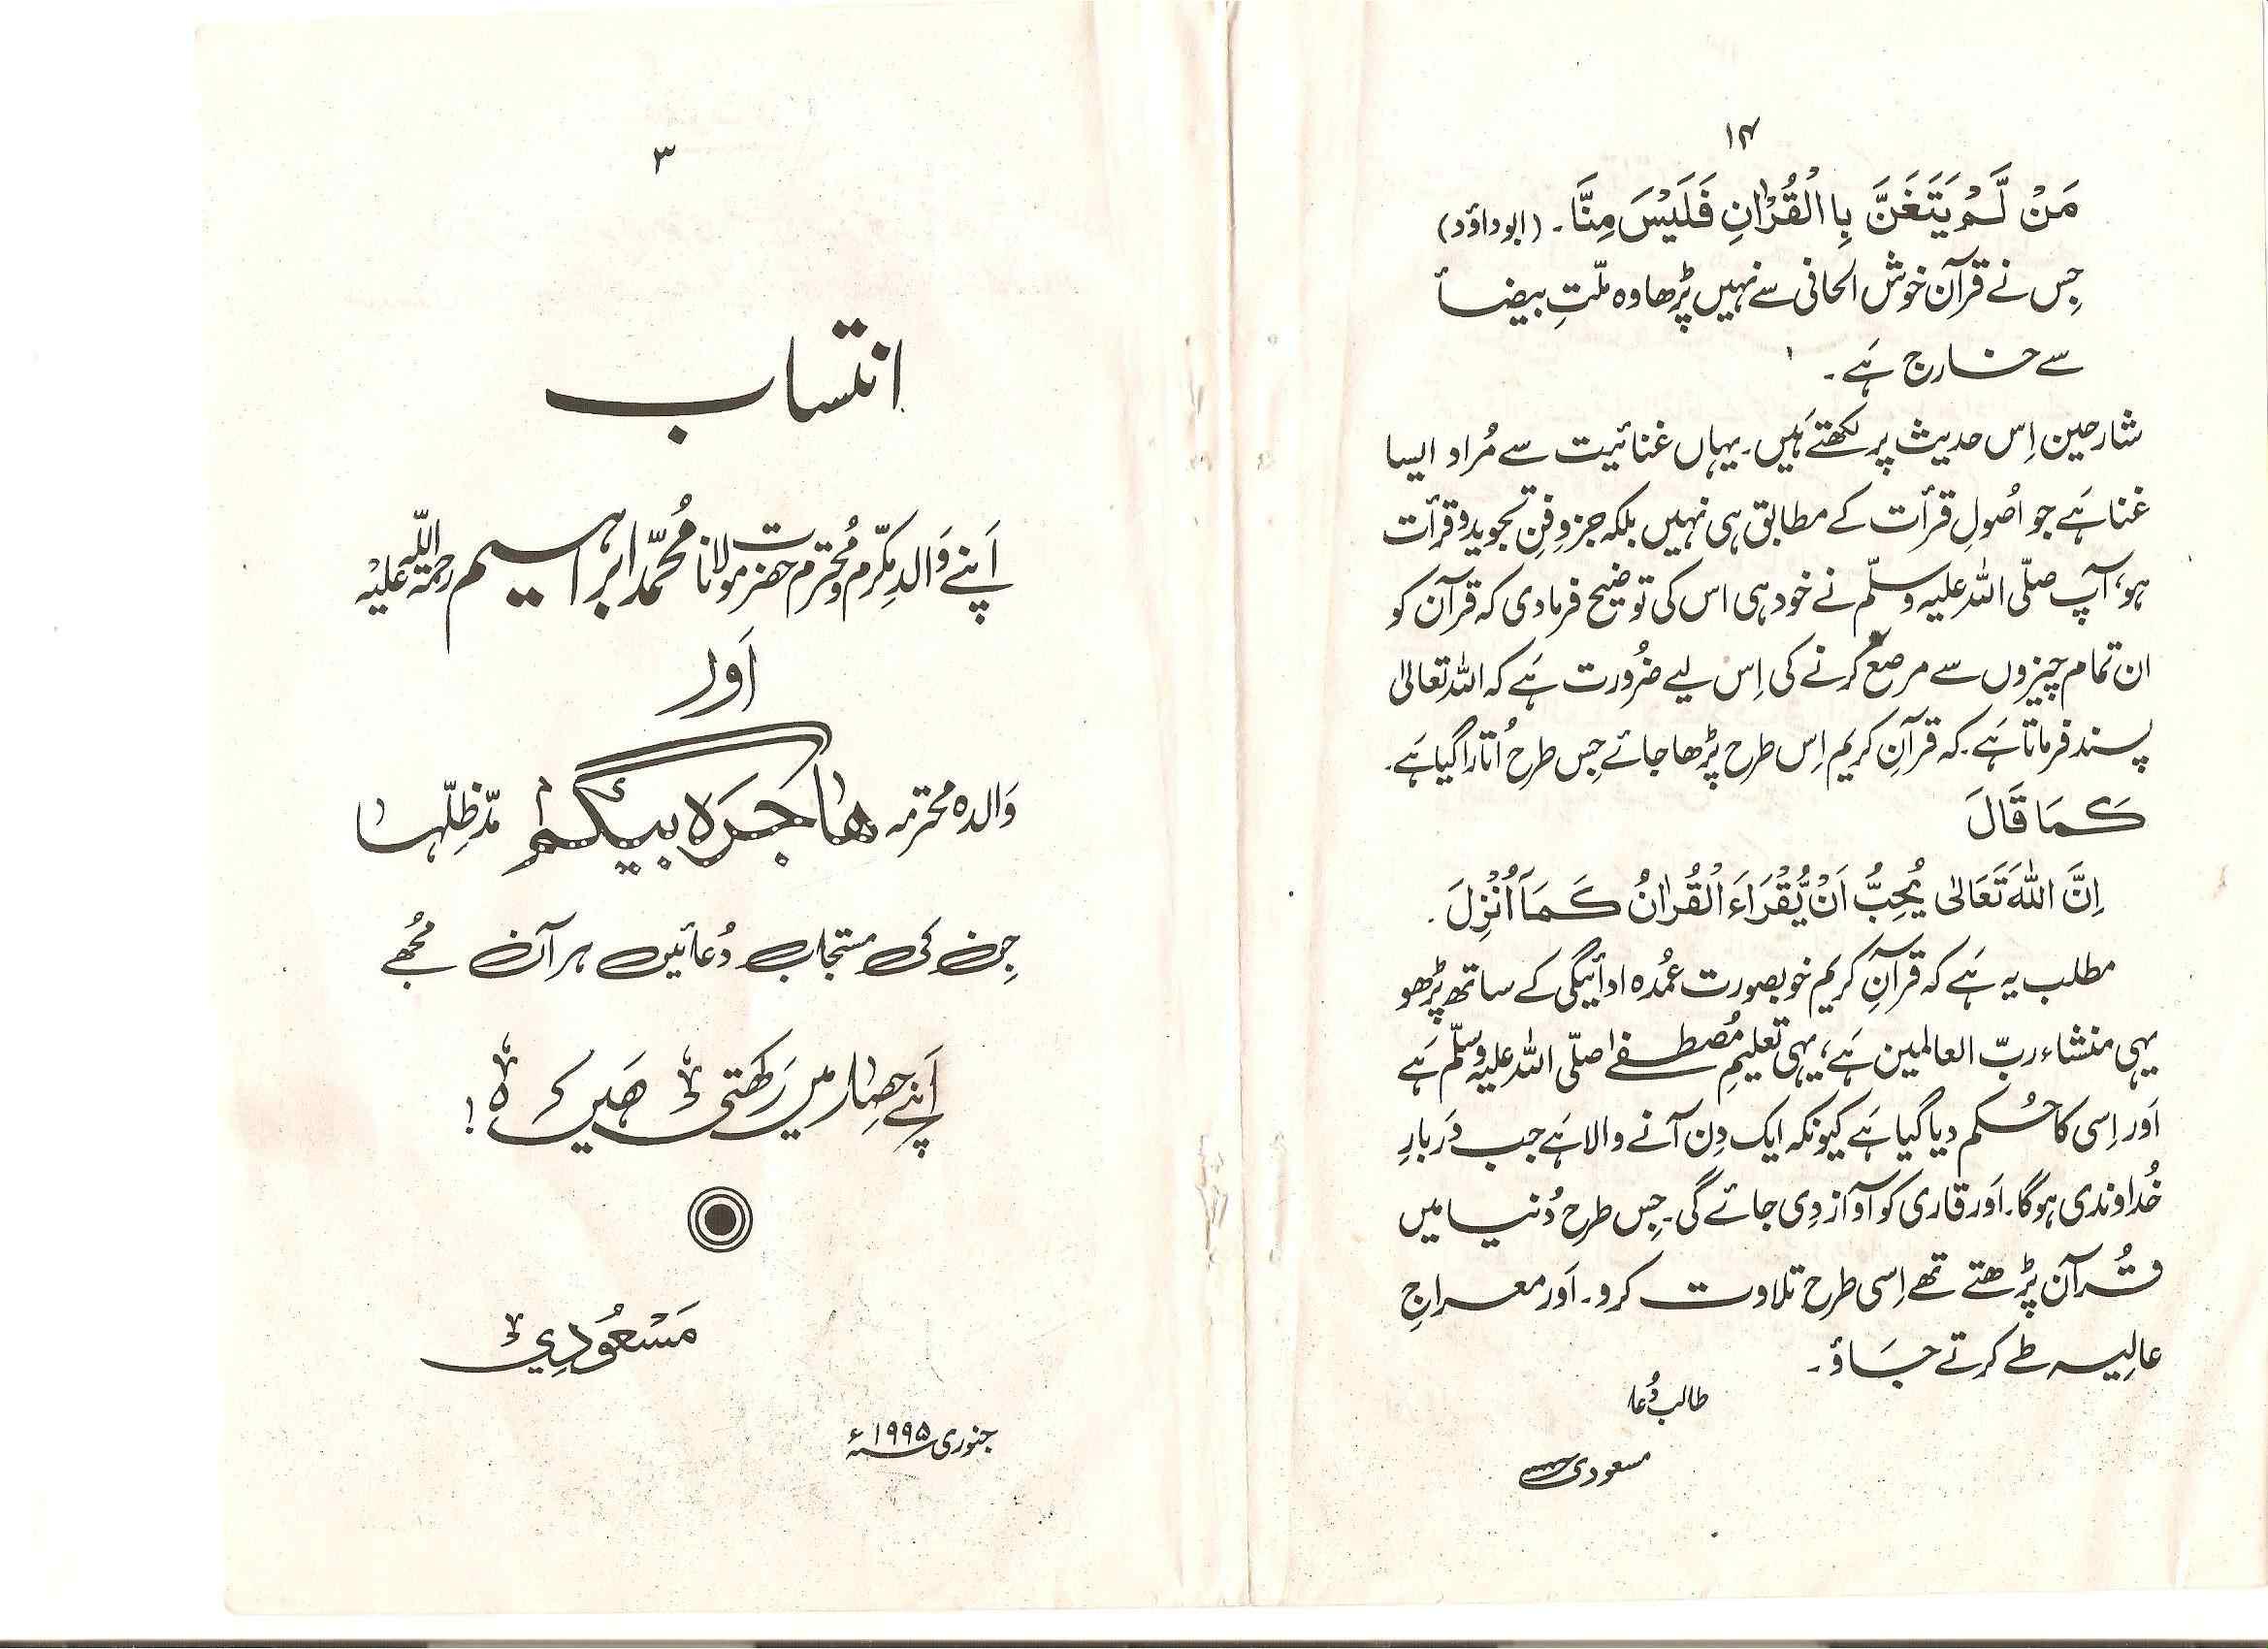 Read Tajweed Books - Quran Tajweed Books Online at eQuranAcademy